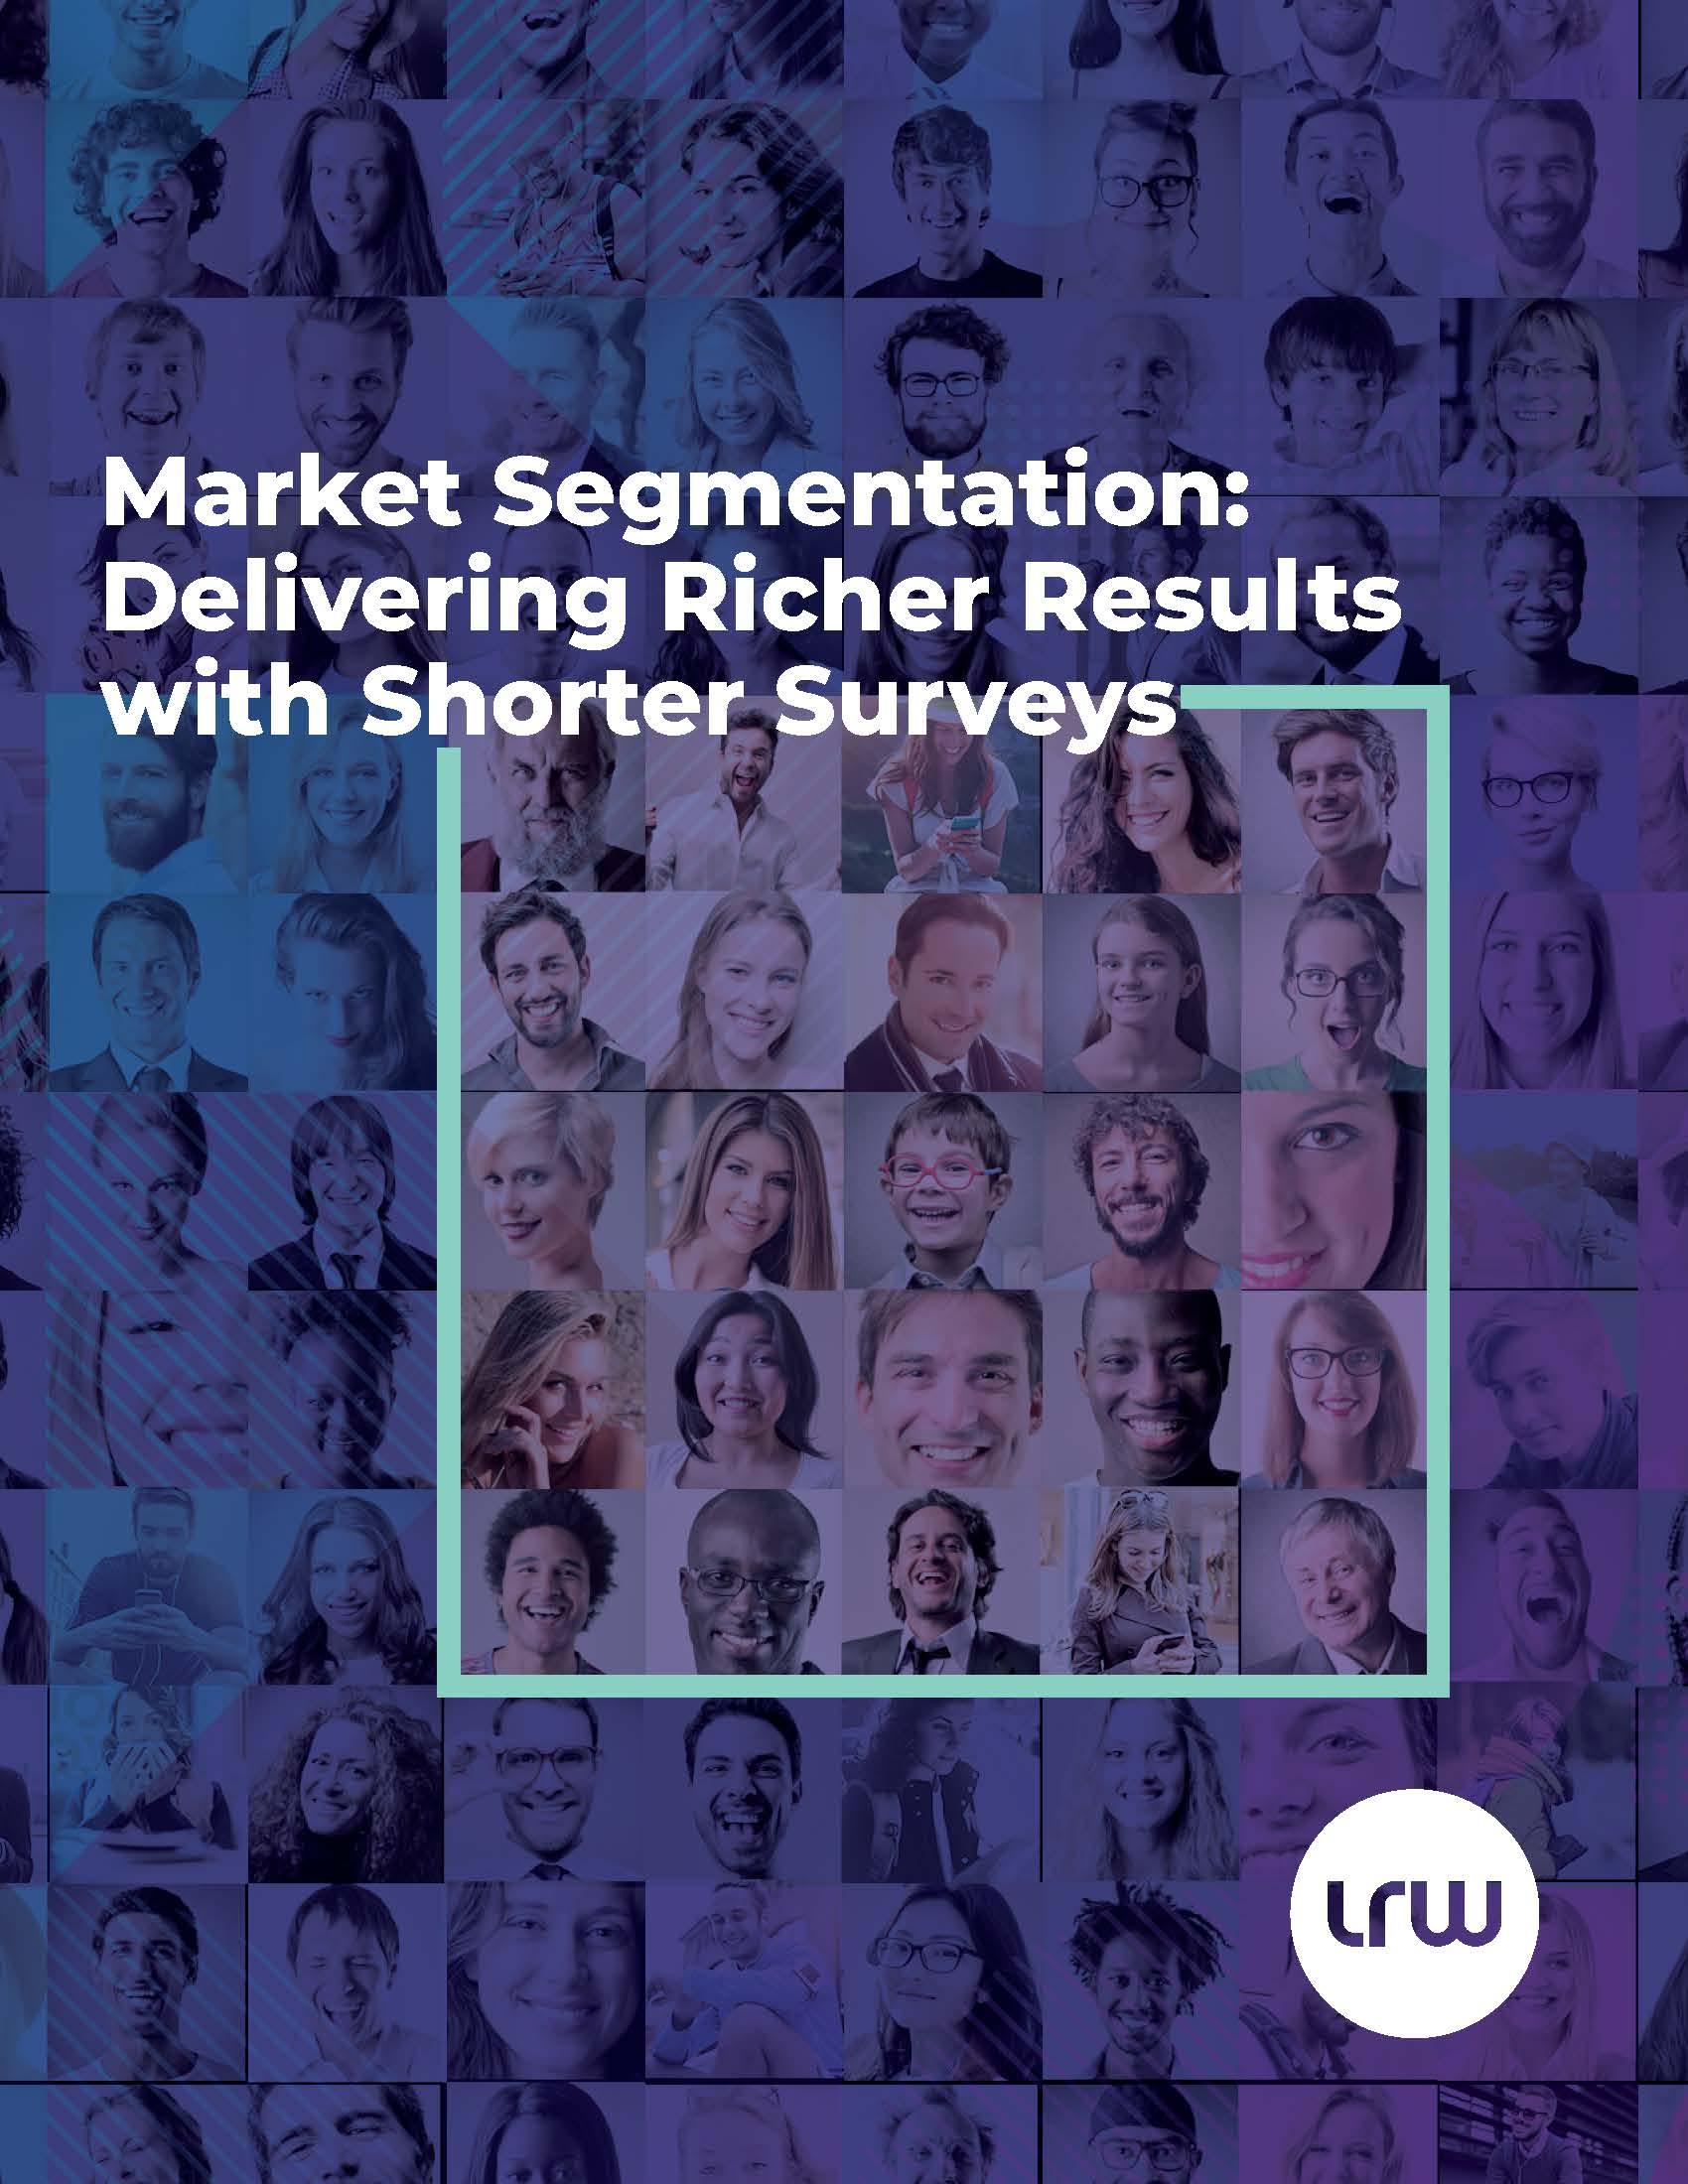 Market Segmentation Deliver Richer Results with Shorter Surveys_Cover